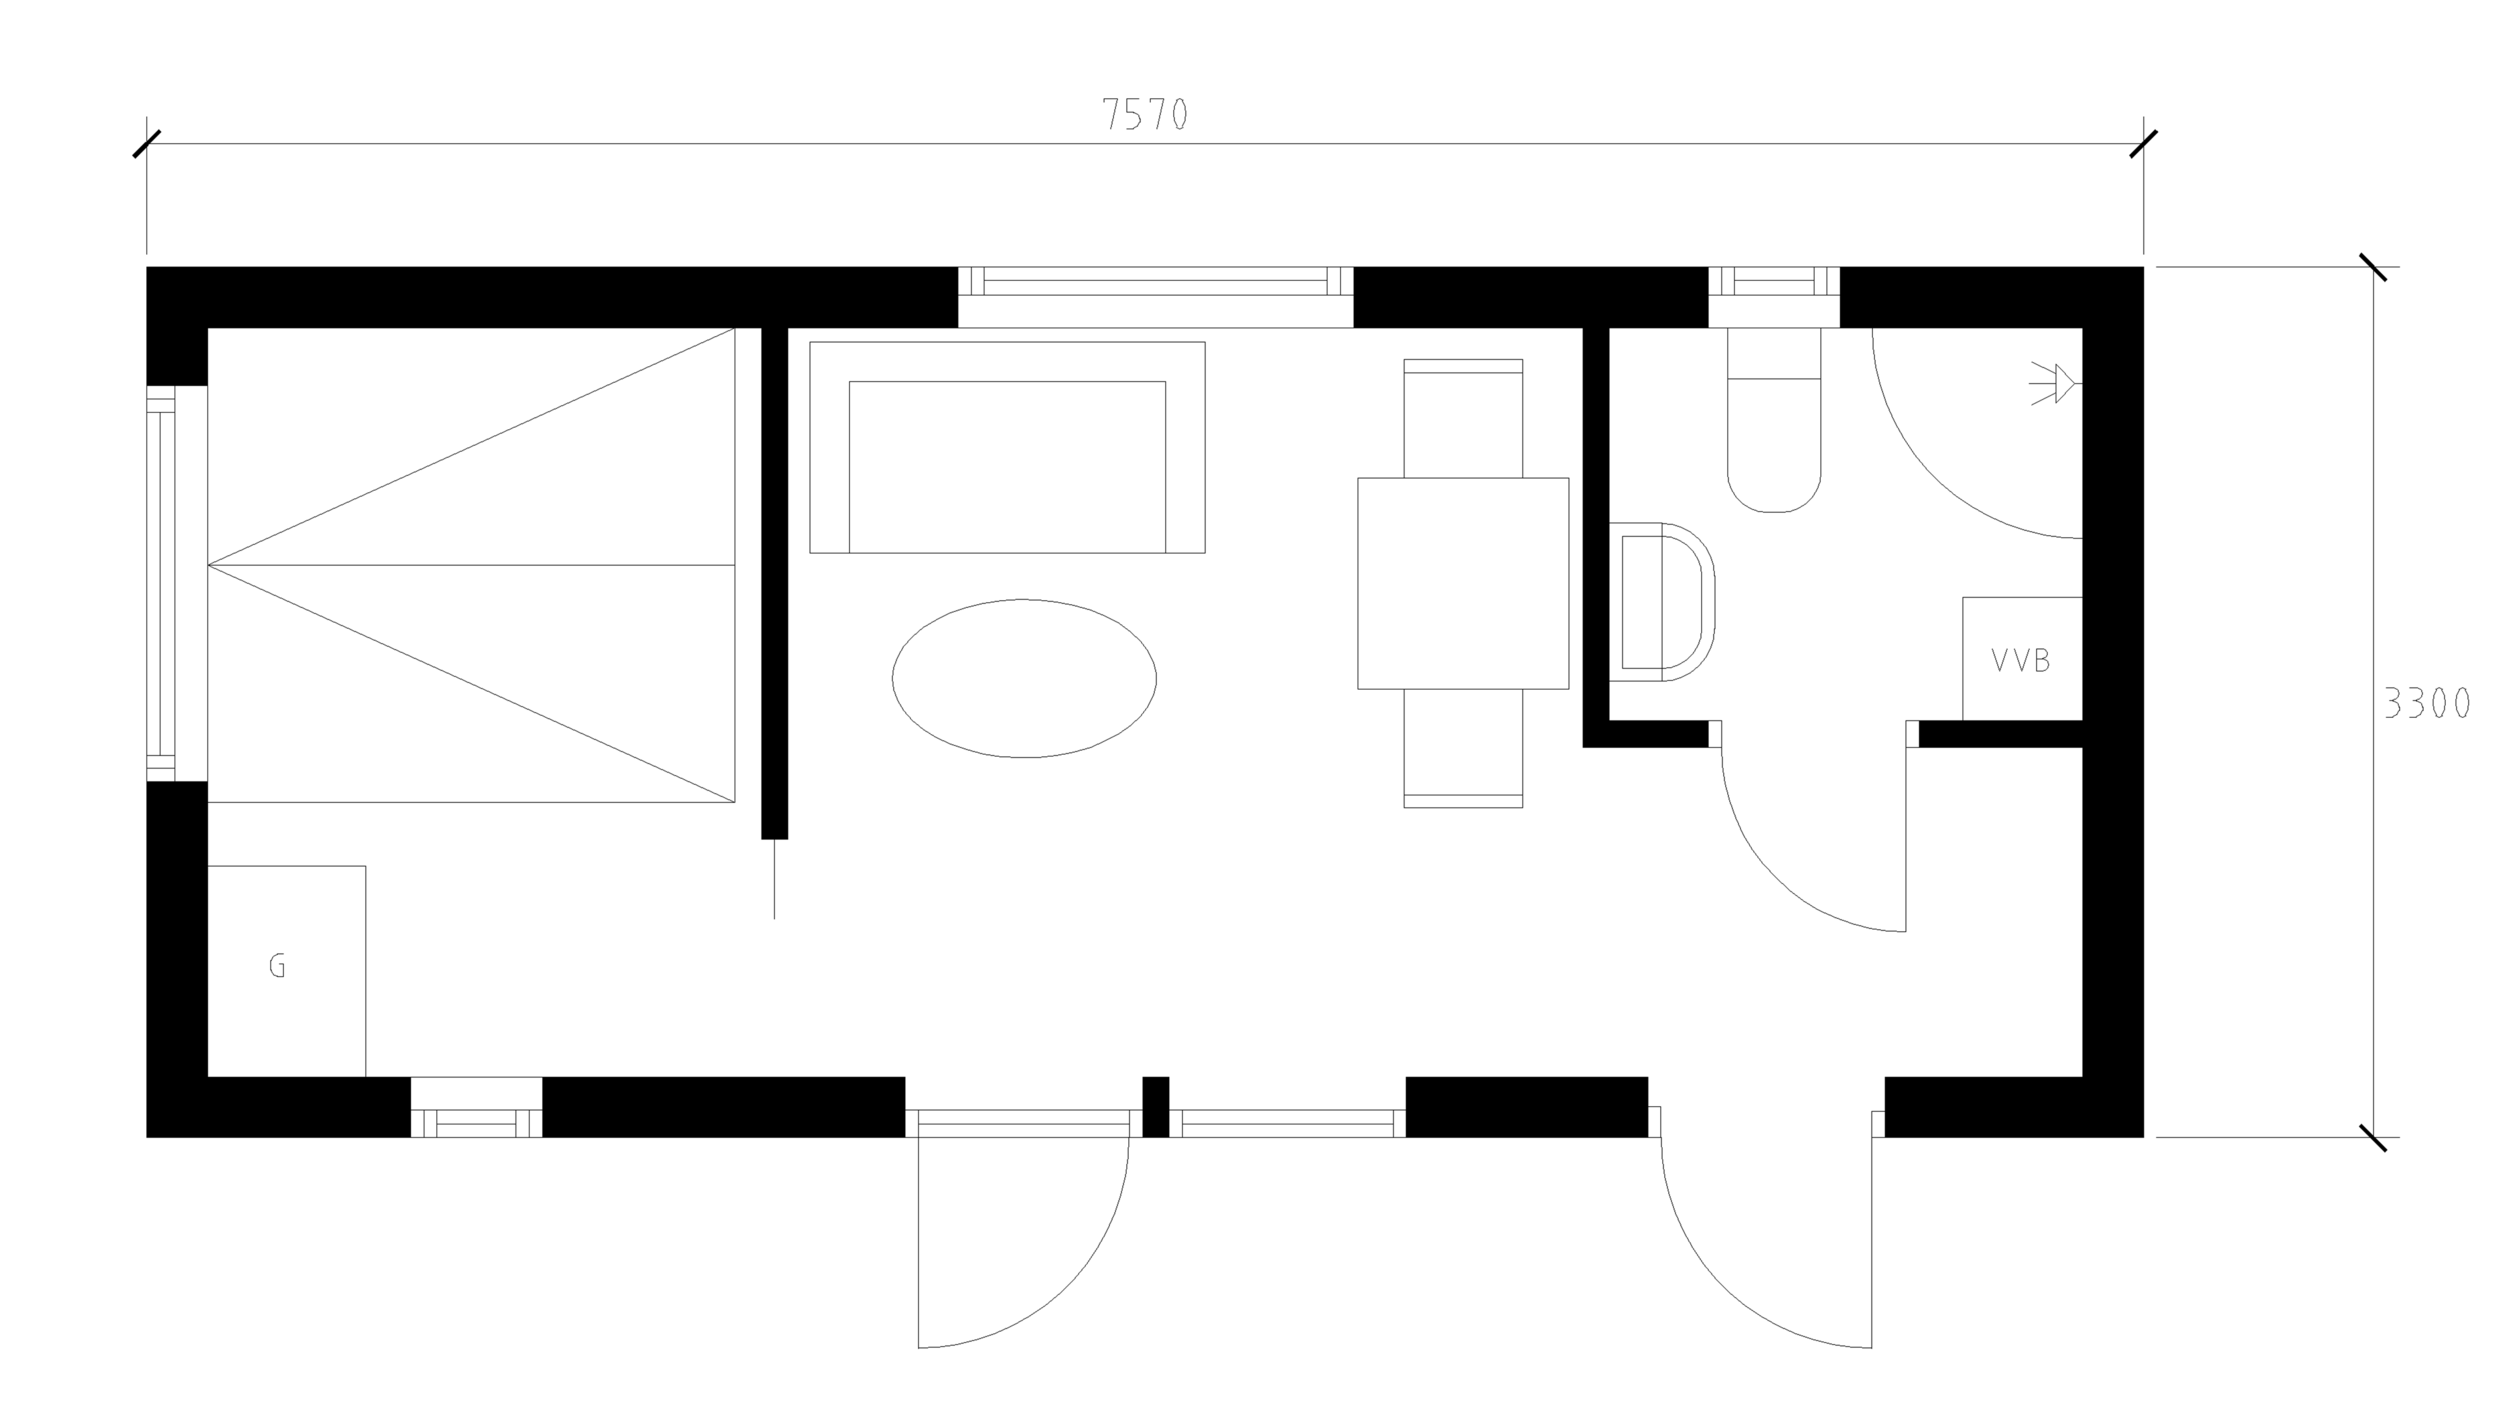 easy-house-attefallshus-torekov-25-med-sovrum-badrum-allrum